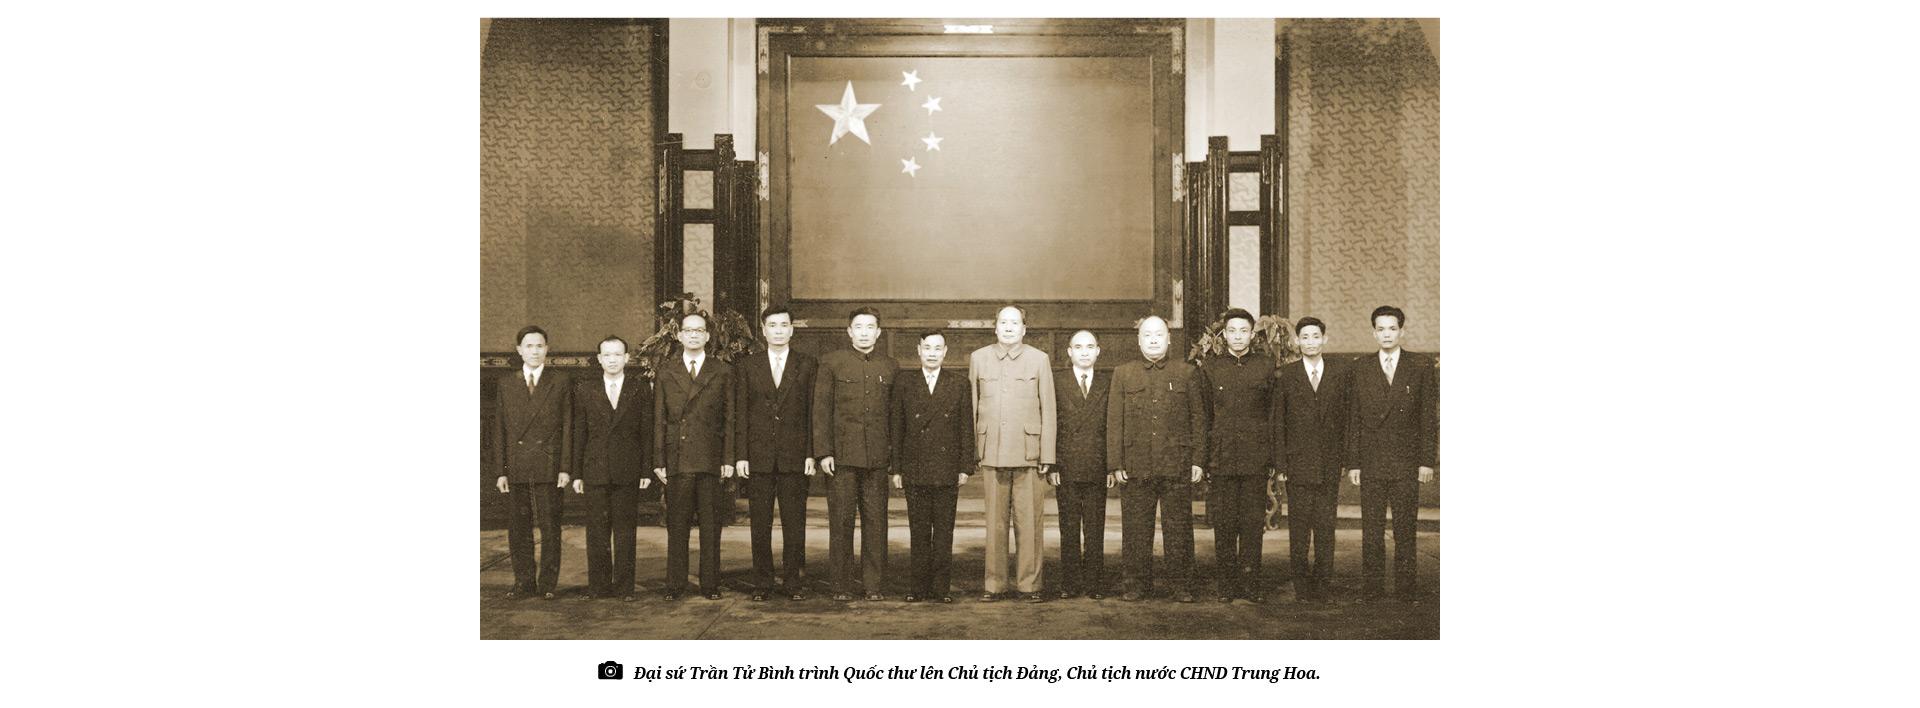 Nhà cách mạng Trần Tử Bình qua lời kể của võ sư Trần Việt Trung: Một cuộc đời như huyền thoại - Ảnh 13.